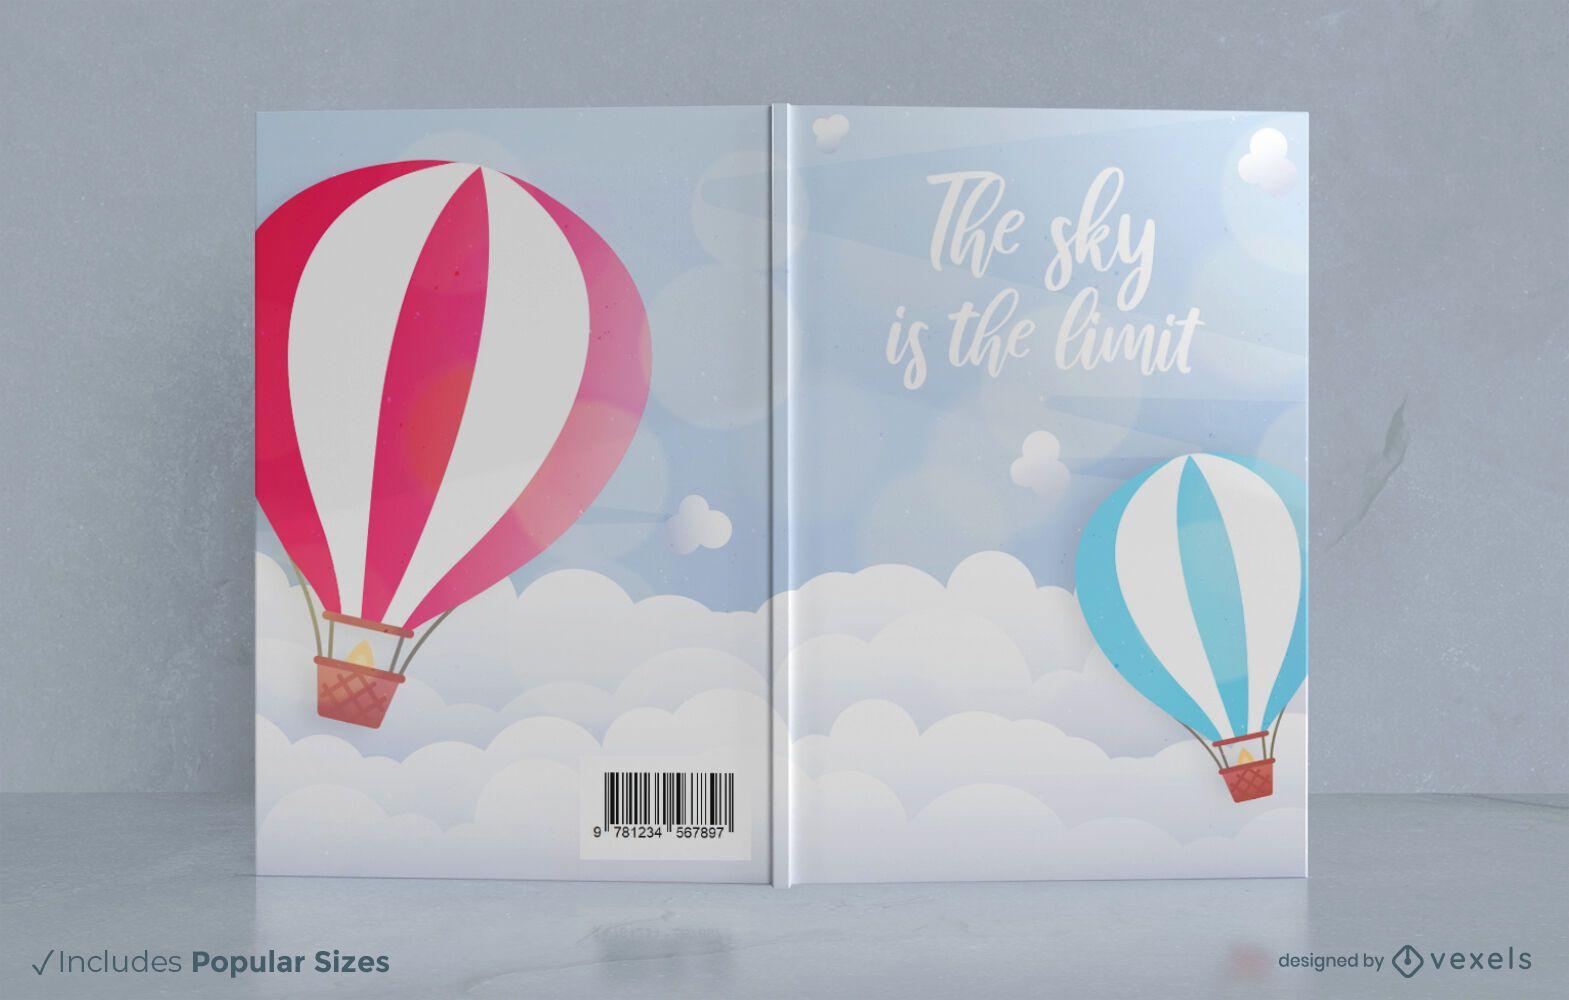 Hot air balloons book cover design